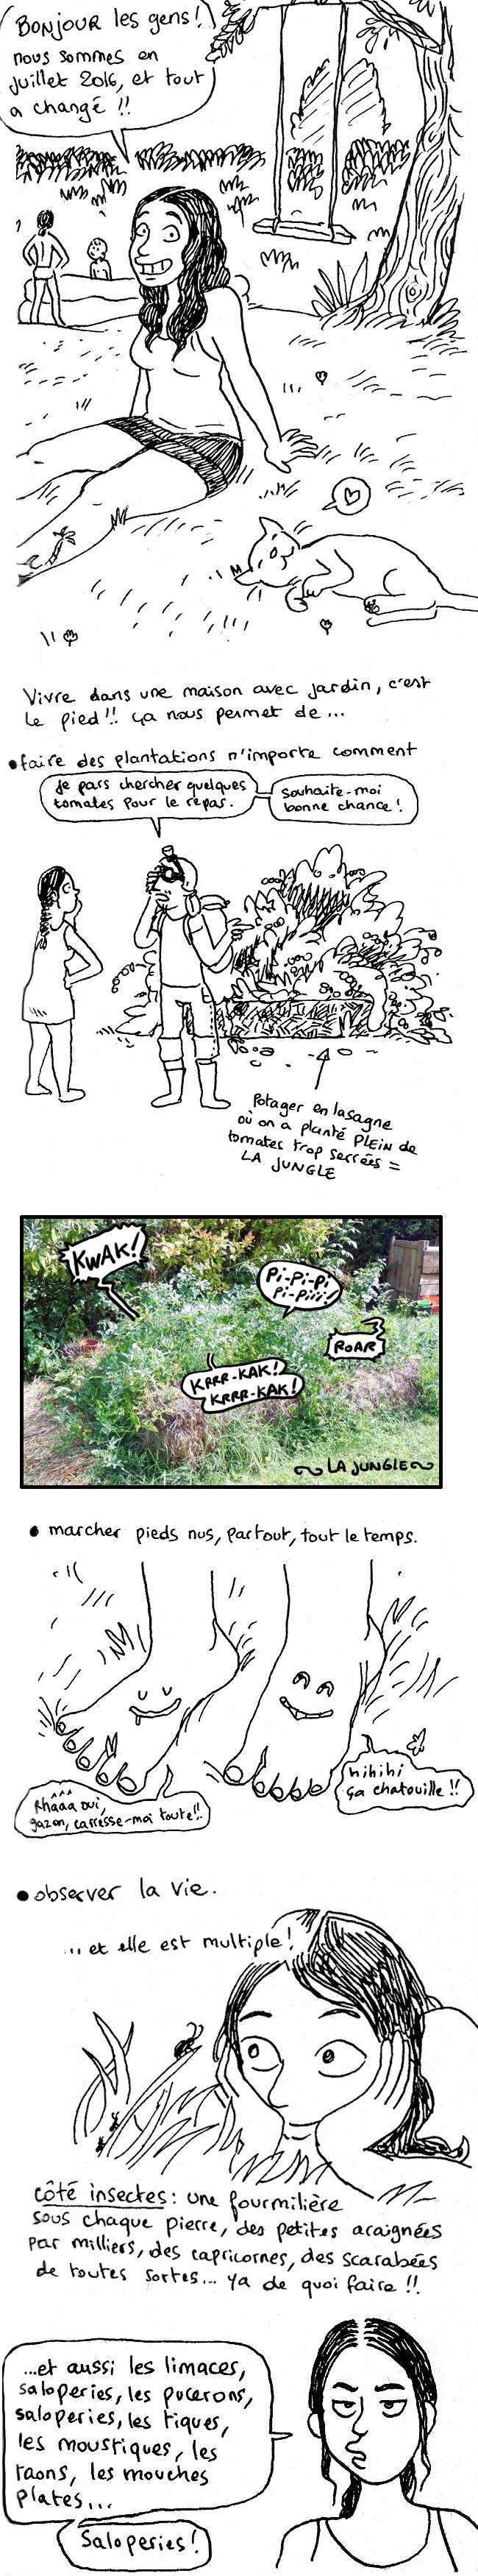 http://melaka.free.fr/blog/jardinophilie.jpg